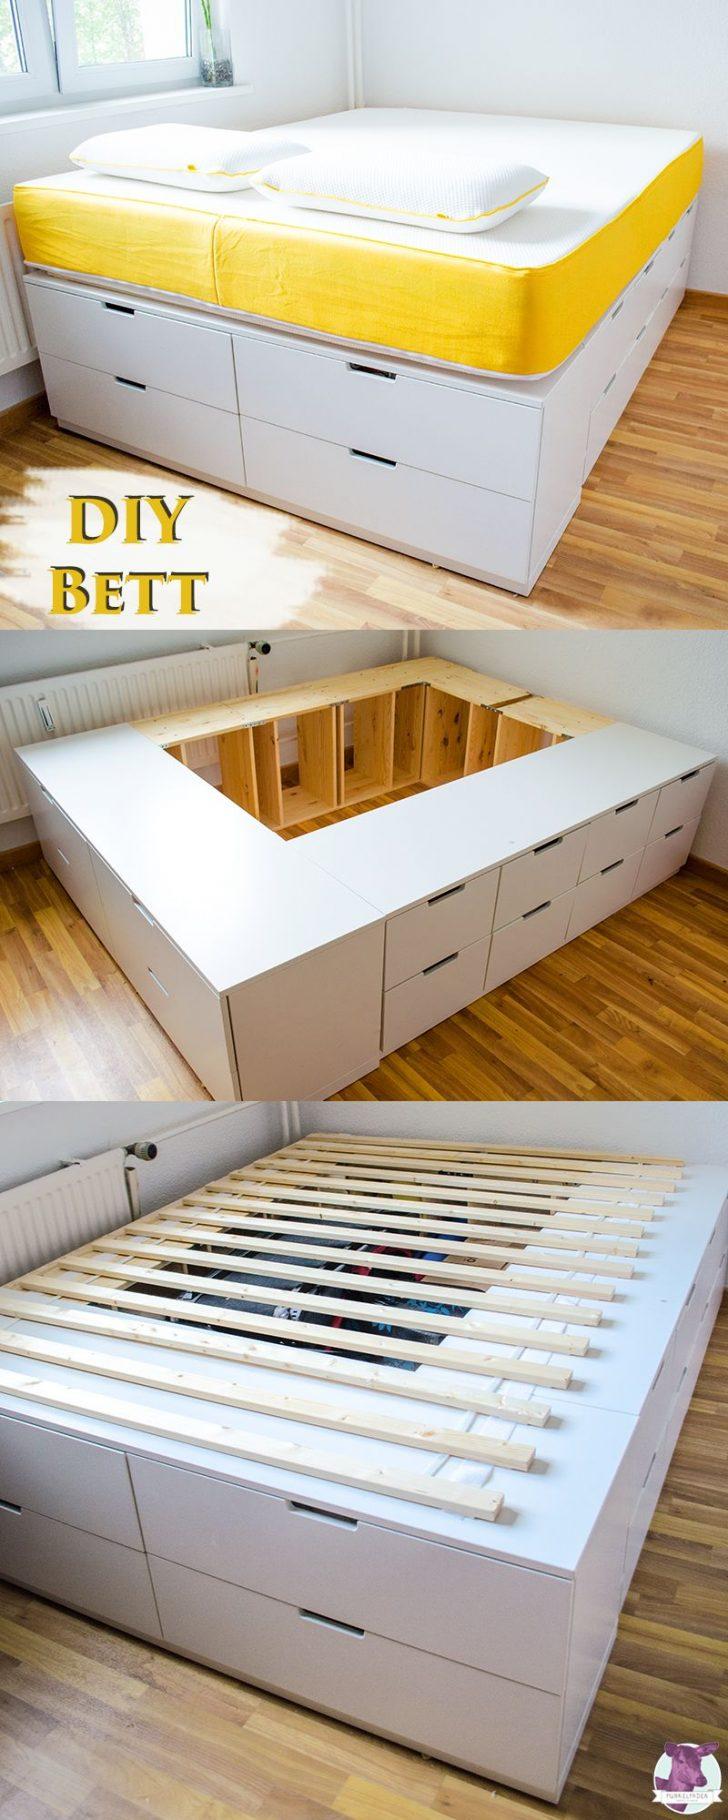 Medium Size of Diy Ikea Hack Plattform Bett Selber Bauen Aus Kommoden Mit Bettkasten 140x200 Sofa Bettfunktion Schramm Betten Holzfüßen Schubladen 2 Sitzer Relaxfunktion Bett Betten Mit Aufbewahrung